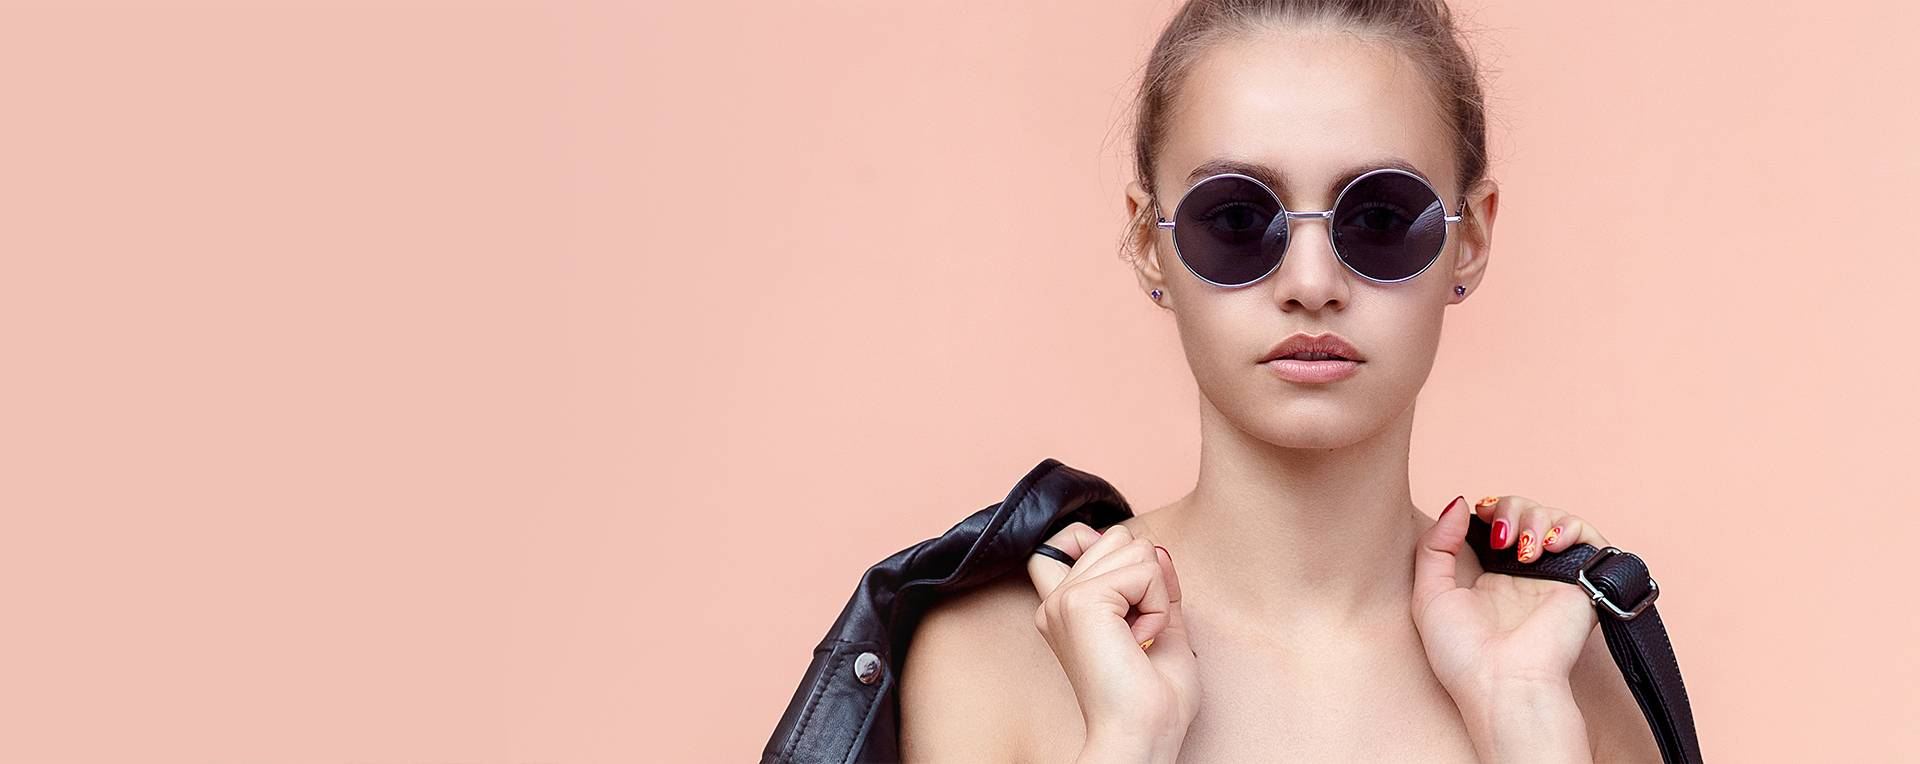 Солнцезащитные очки с коррекцией зрения